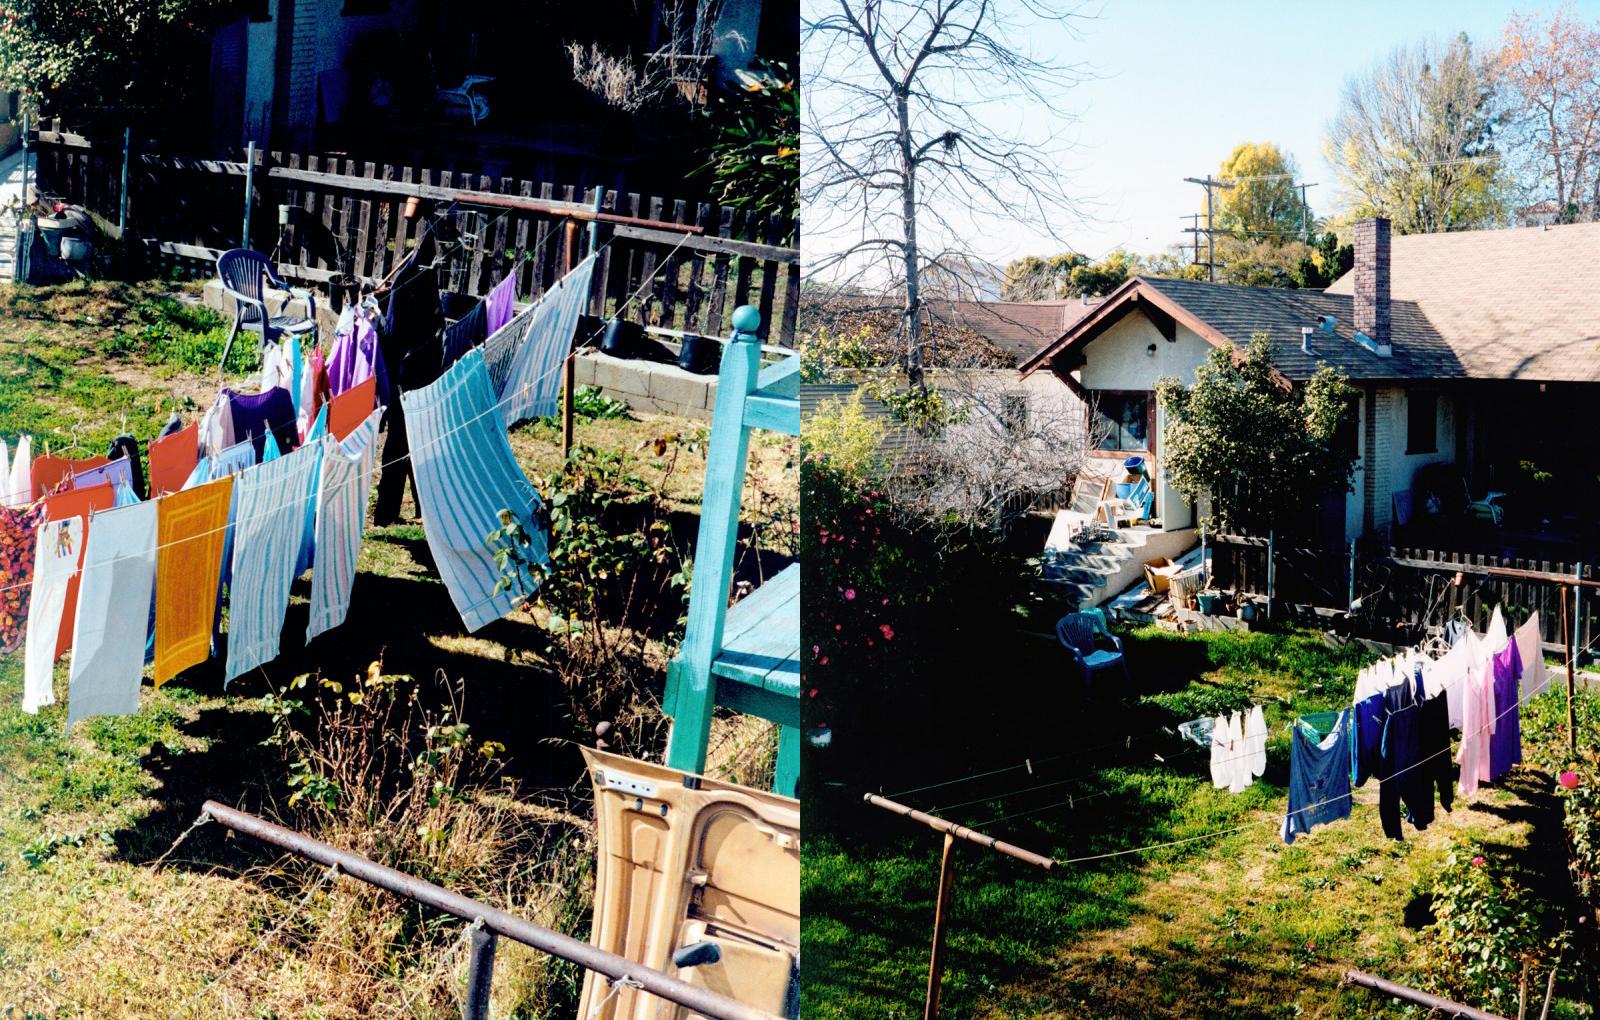 ec_backyard_12-13.jpg